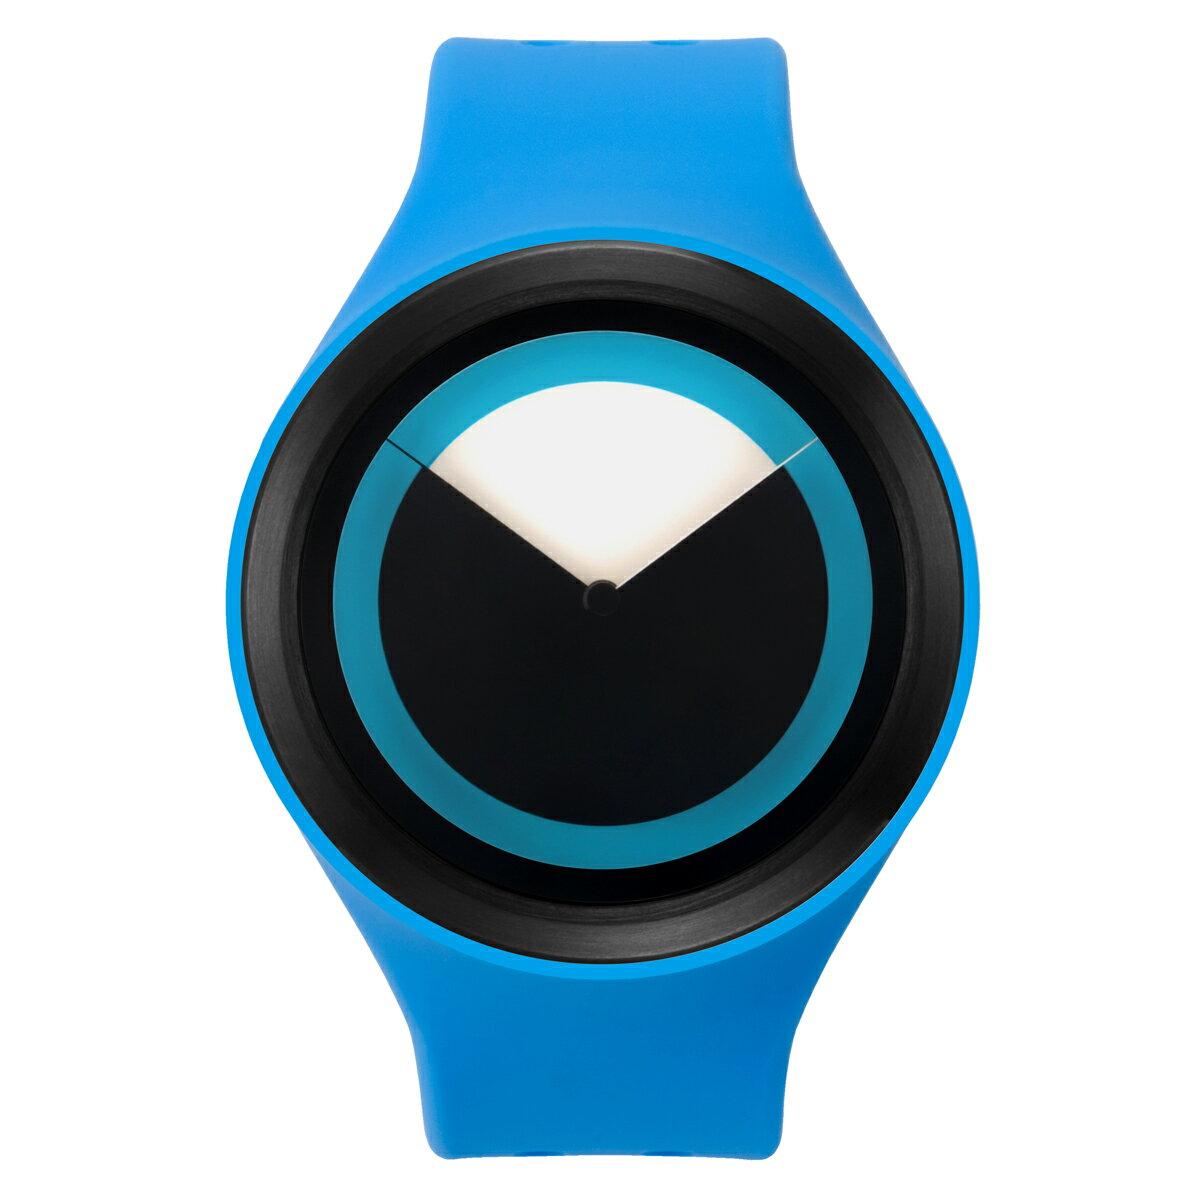 ZEROO DEEPSKY SWEEPING ゼロ 電池式クォーツ 腕時計 [W00401B03SR04] ブルー デザインウォッチ ペア用 メンズ レディース ユニセックス おしゃれ時計 デザイナーズ